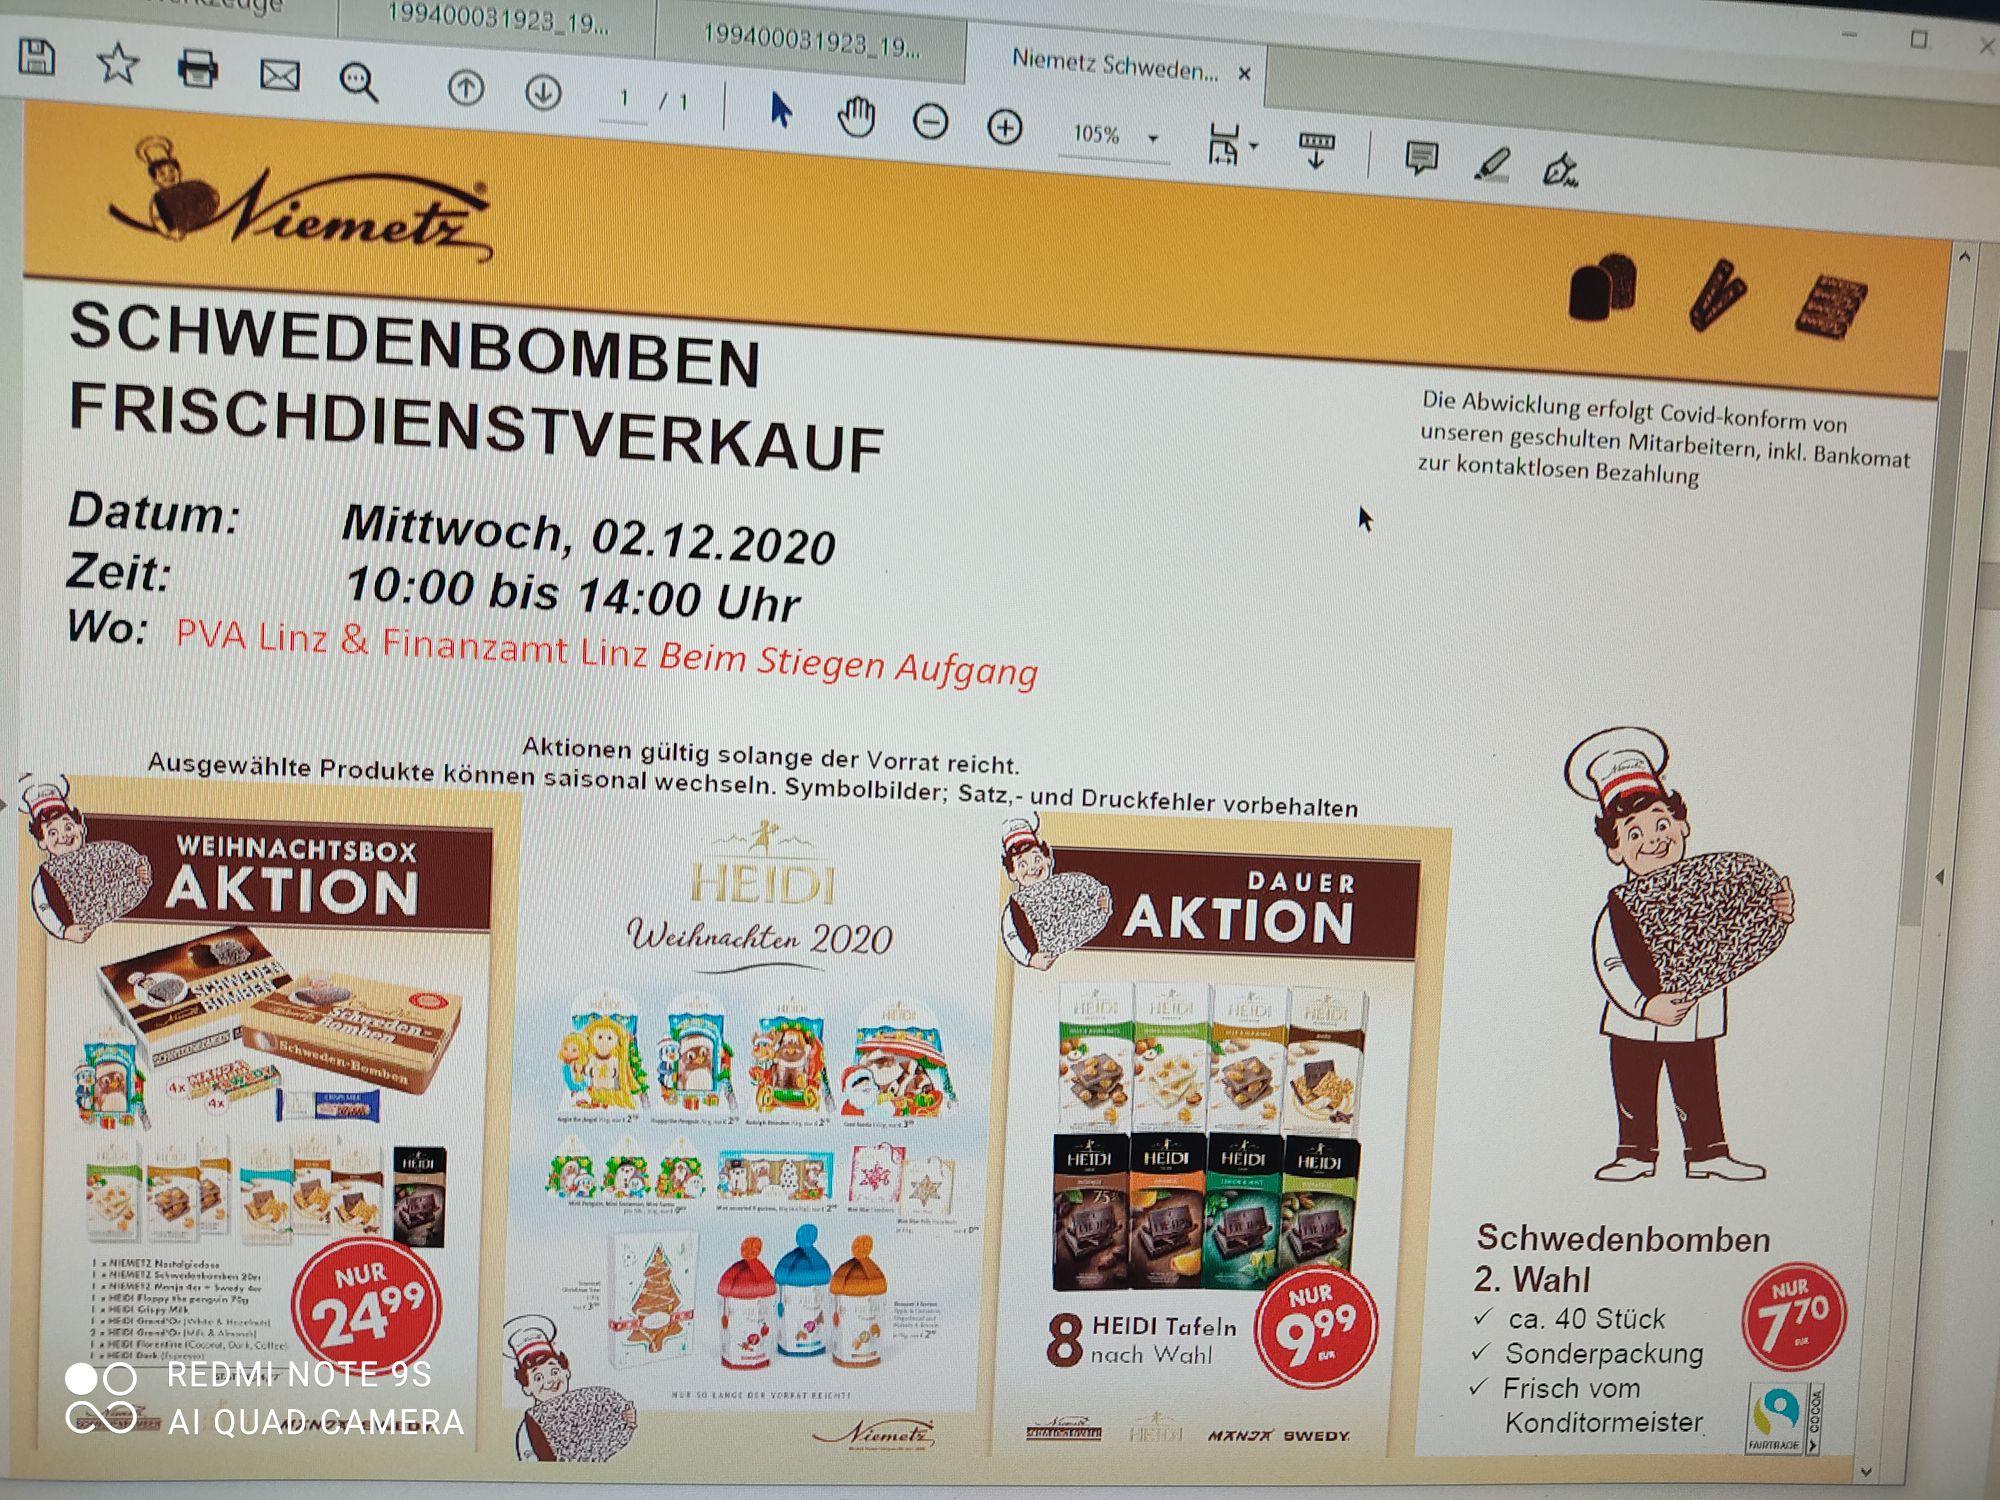 Schwedenbomben Verkauf in 4020 Linz